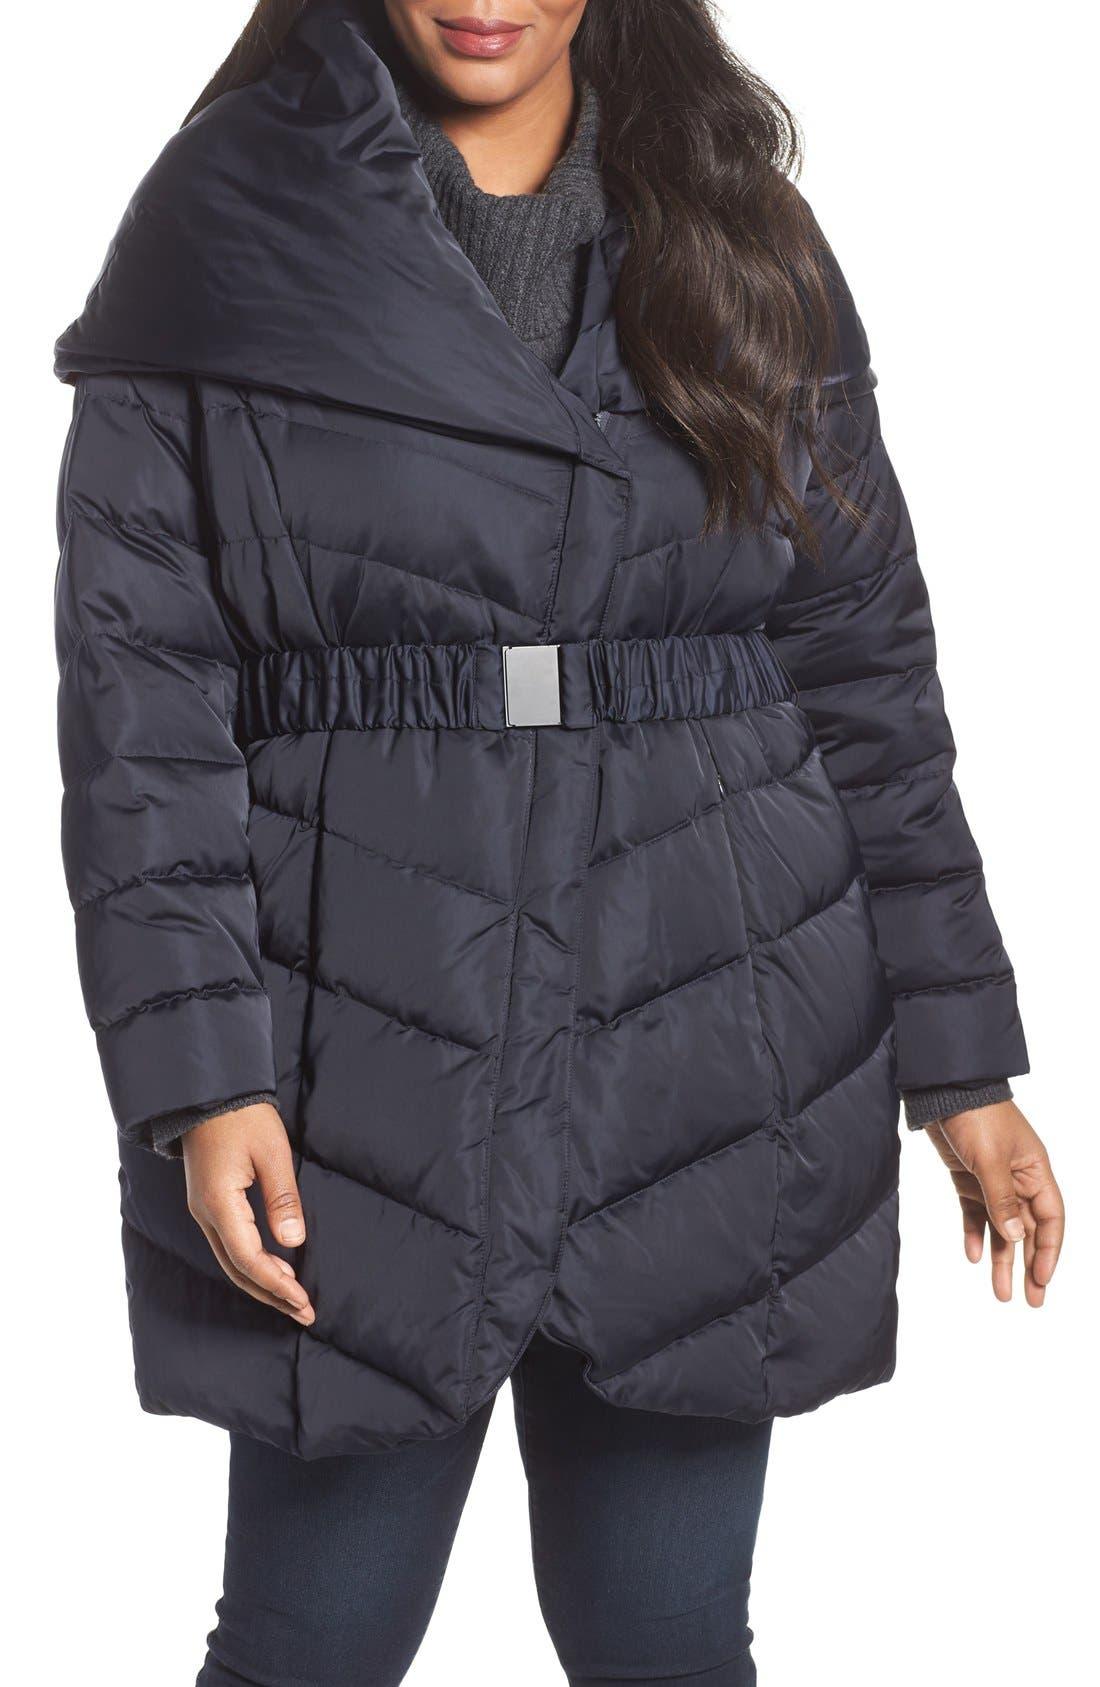 Main Image - Tahari Matilda Shawl Collar Quilted Coat (Plus Size)